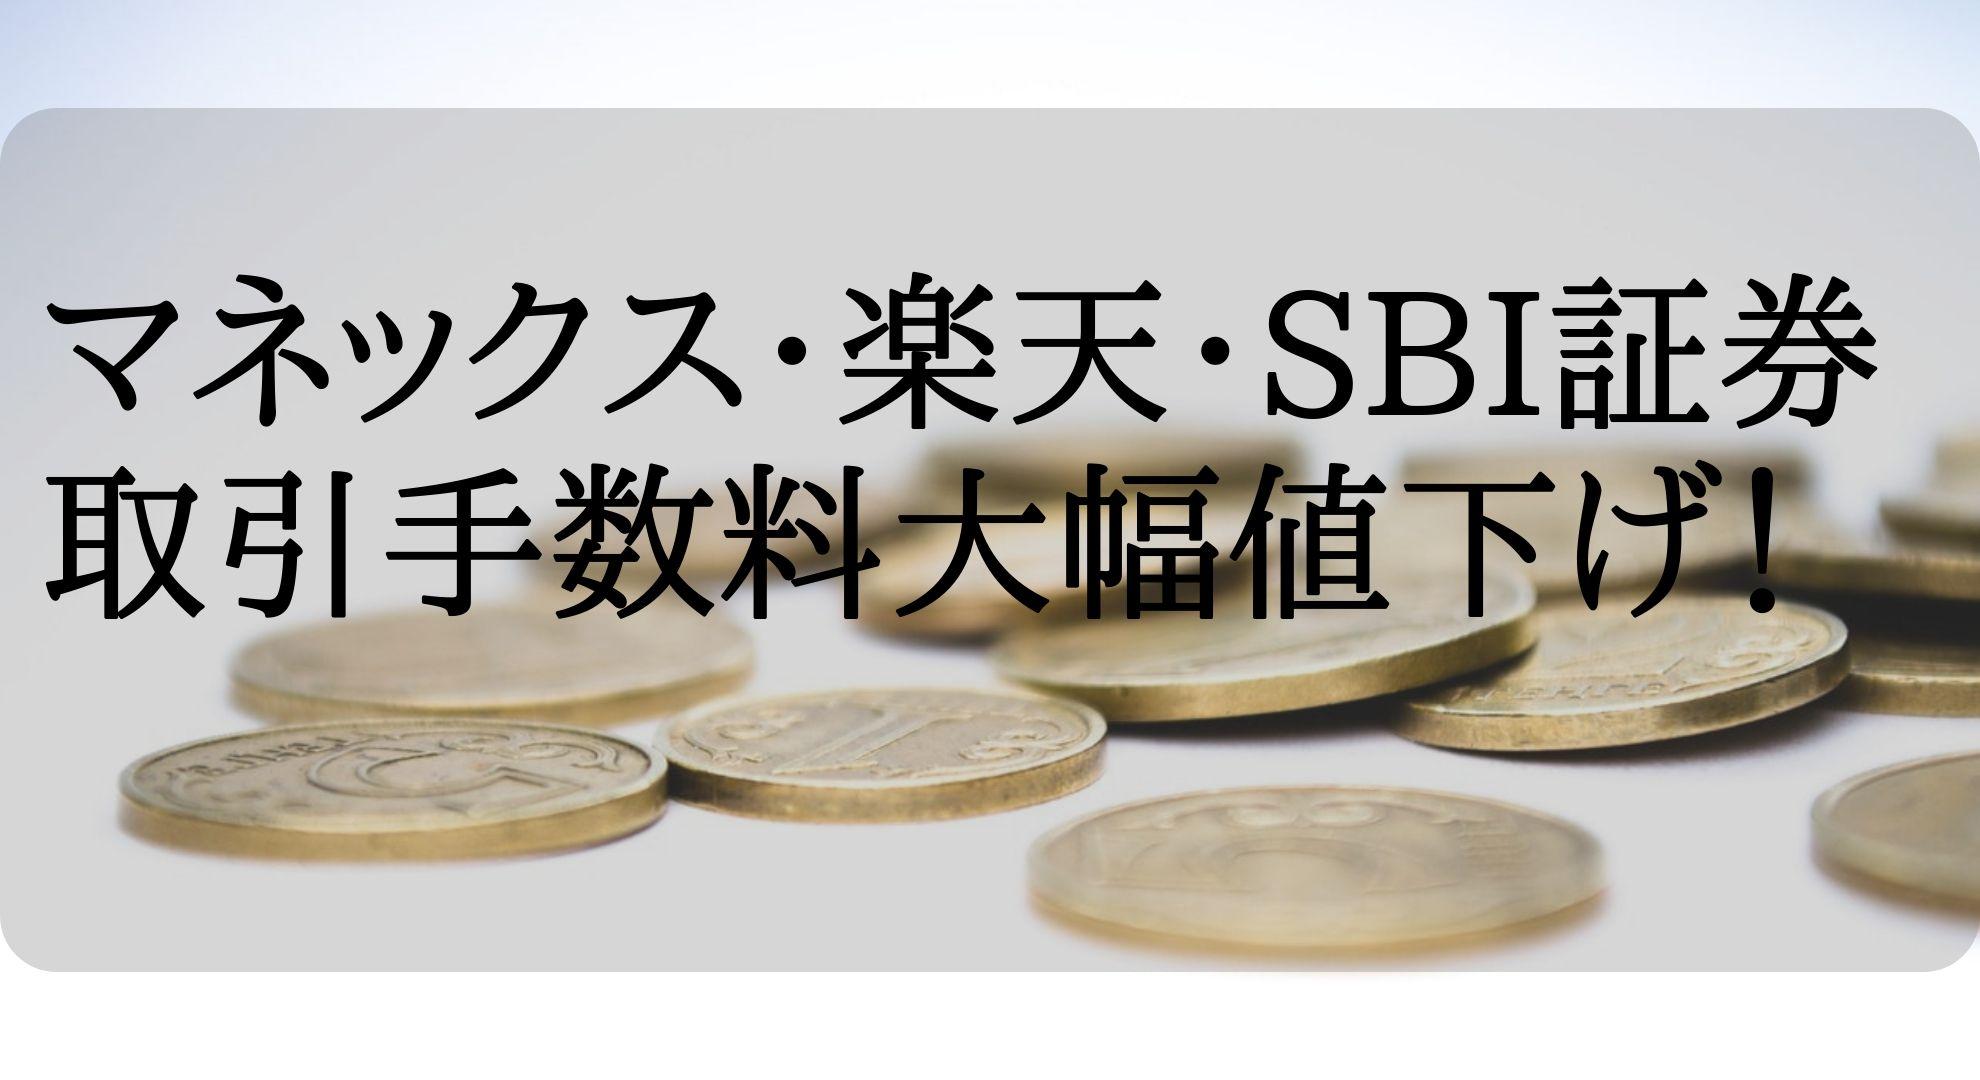 【結局三社とも無料へ】マネックス証券・楽天証券・SBI証券、米国株最低取引手数料無料へ!